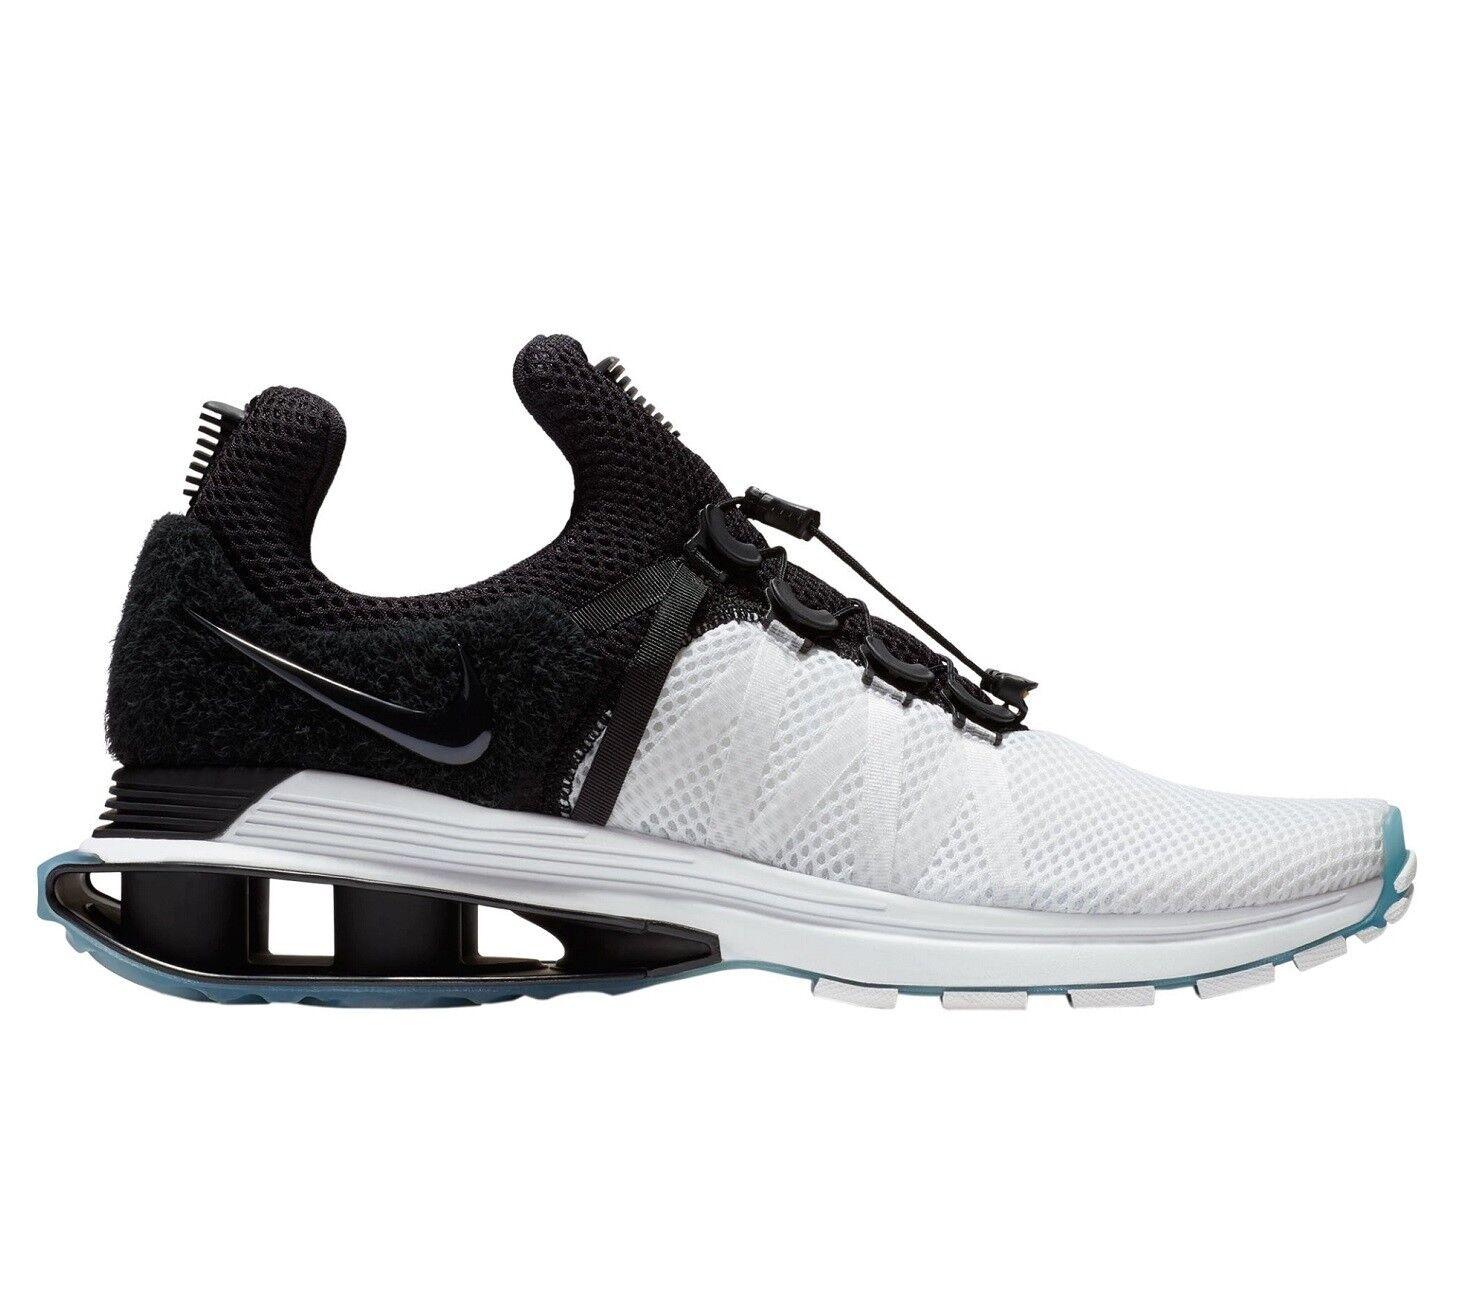 Nike Shox Gravity Mens AR1999-101 White Black Mesh Running Shoes Comfortable Cheap women's shoes women's shoes